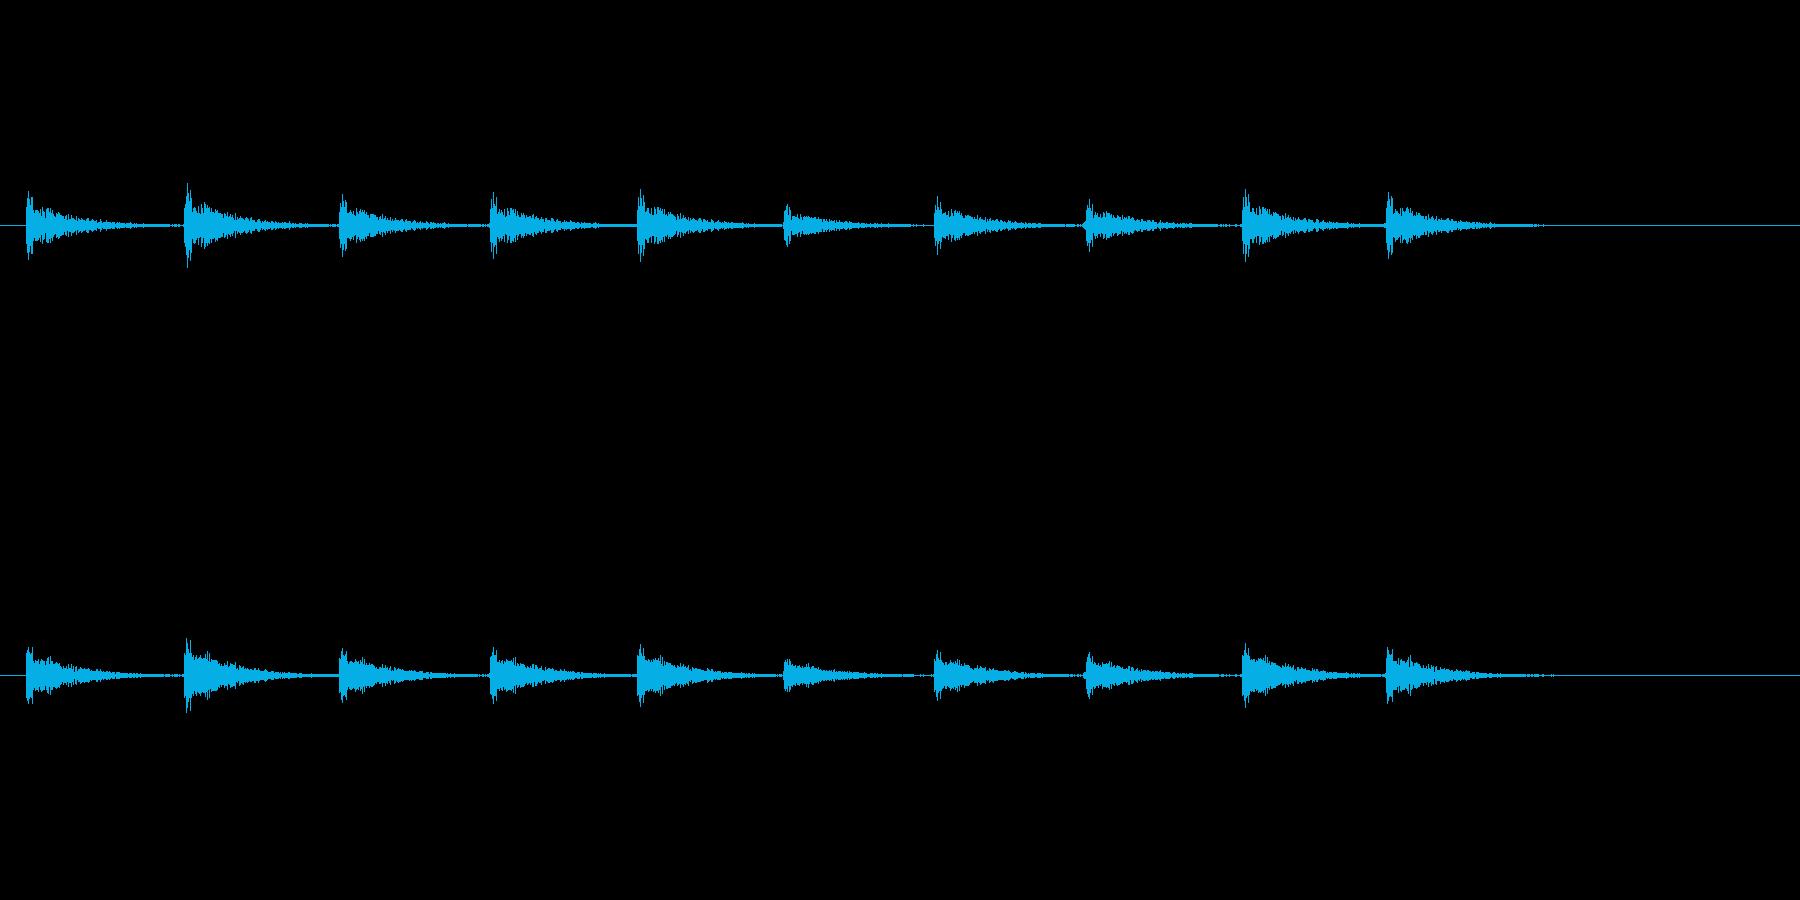 【足音03-6】の再生済みの波形